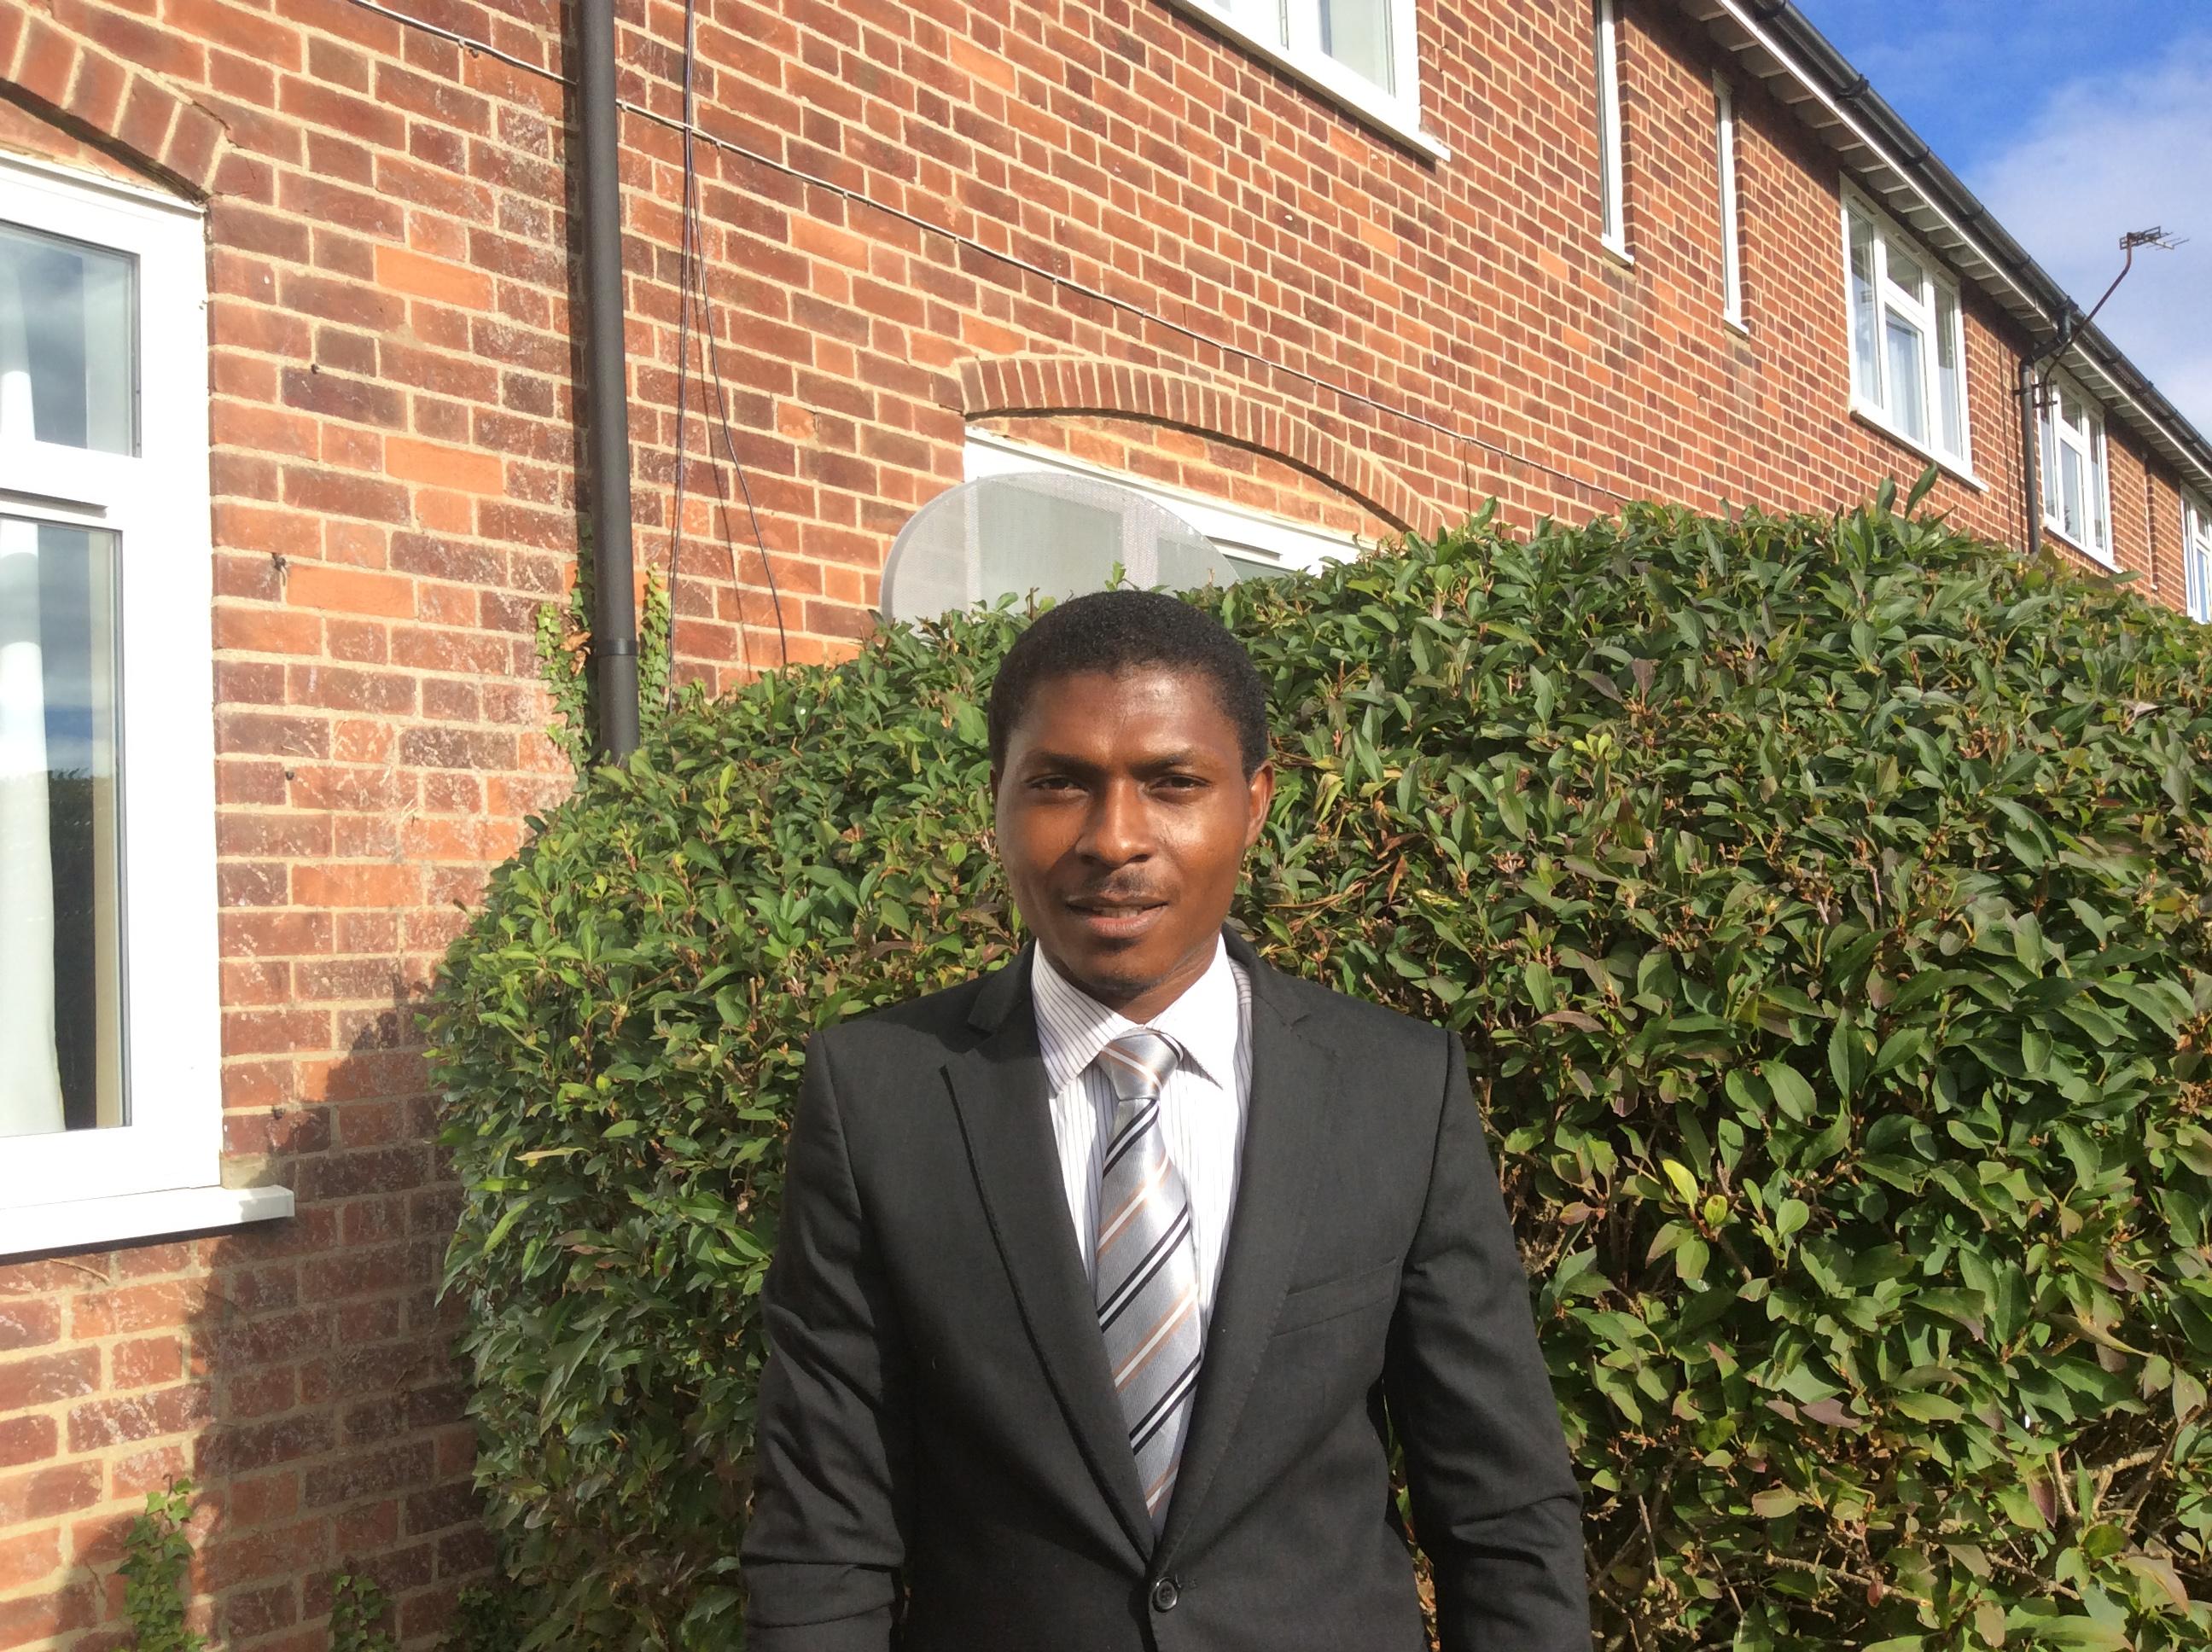 Seun Emmanuel Fabiyi